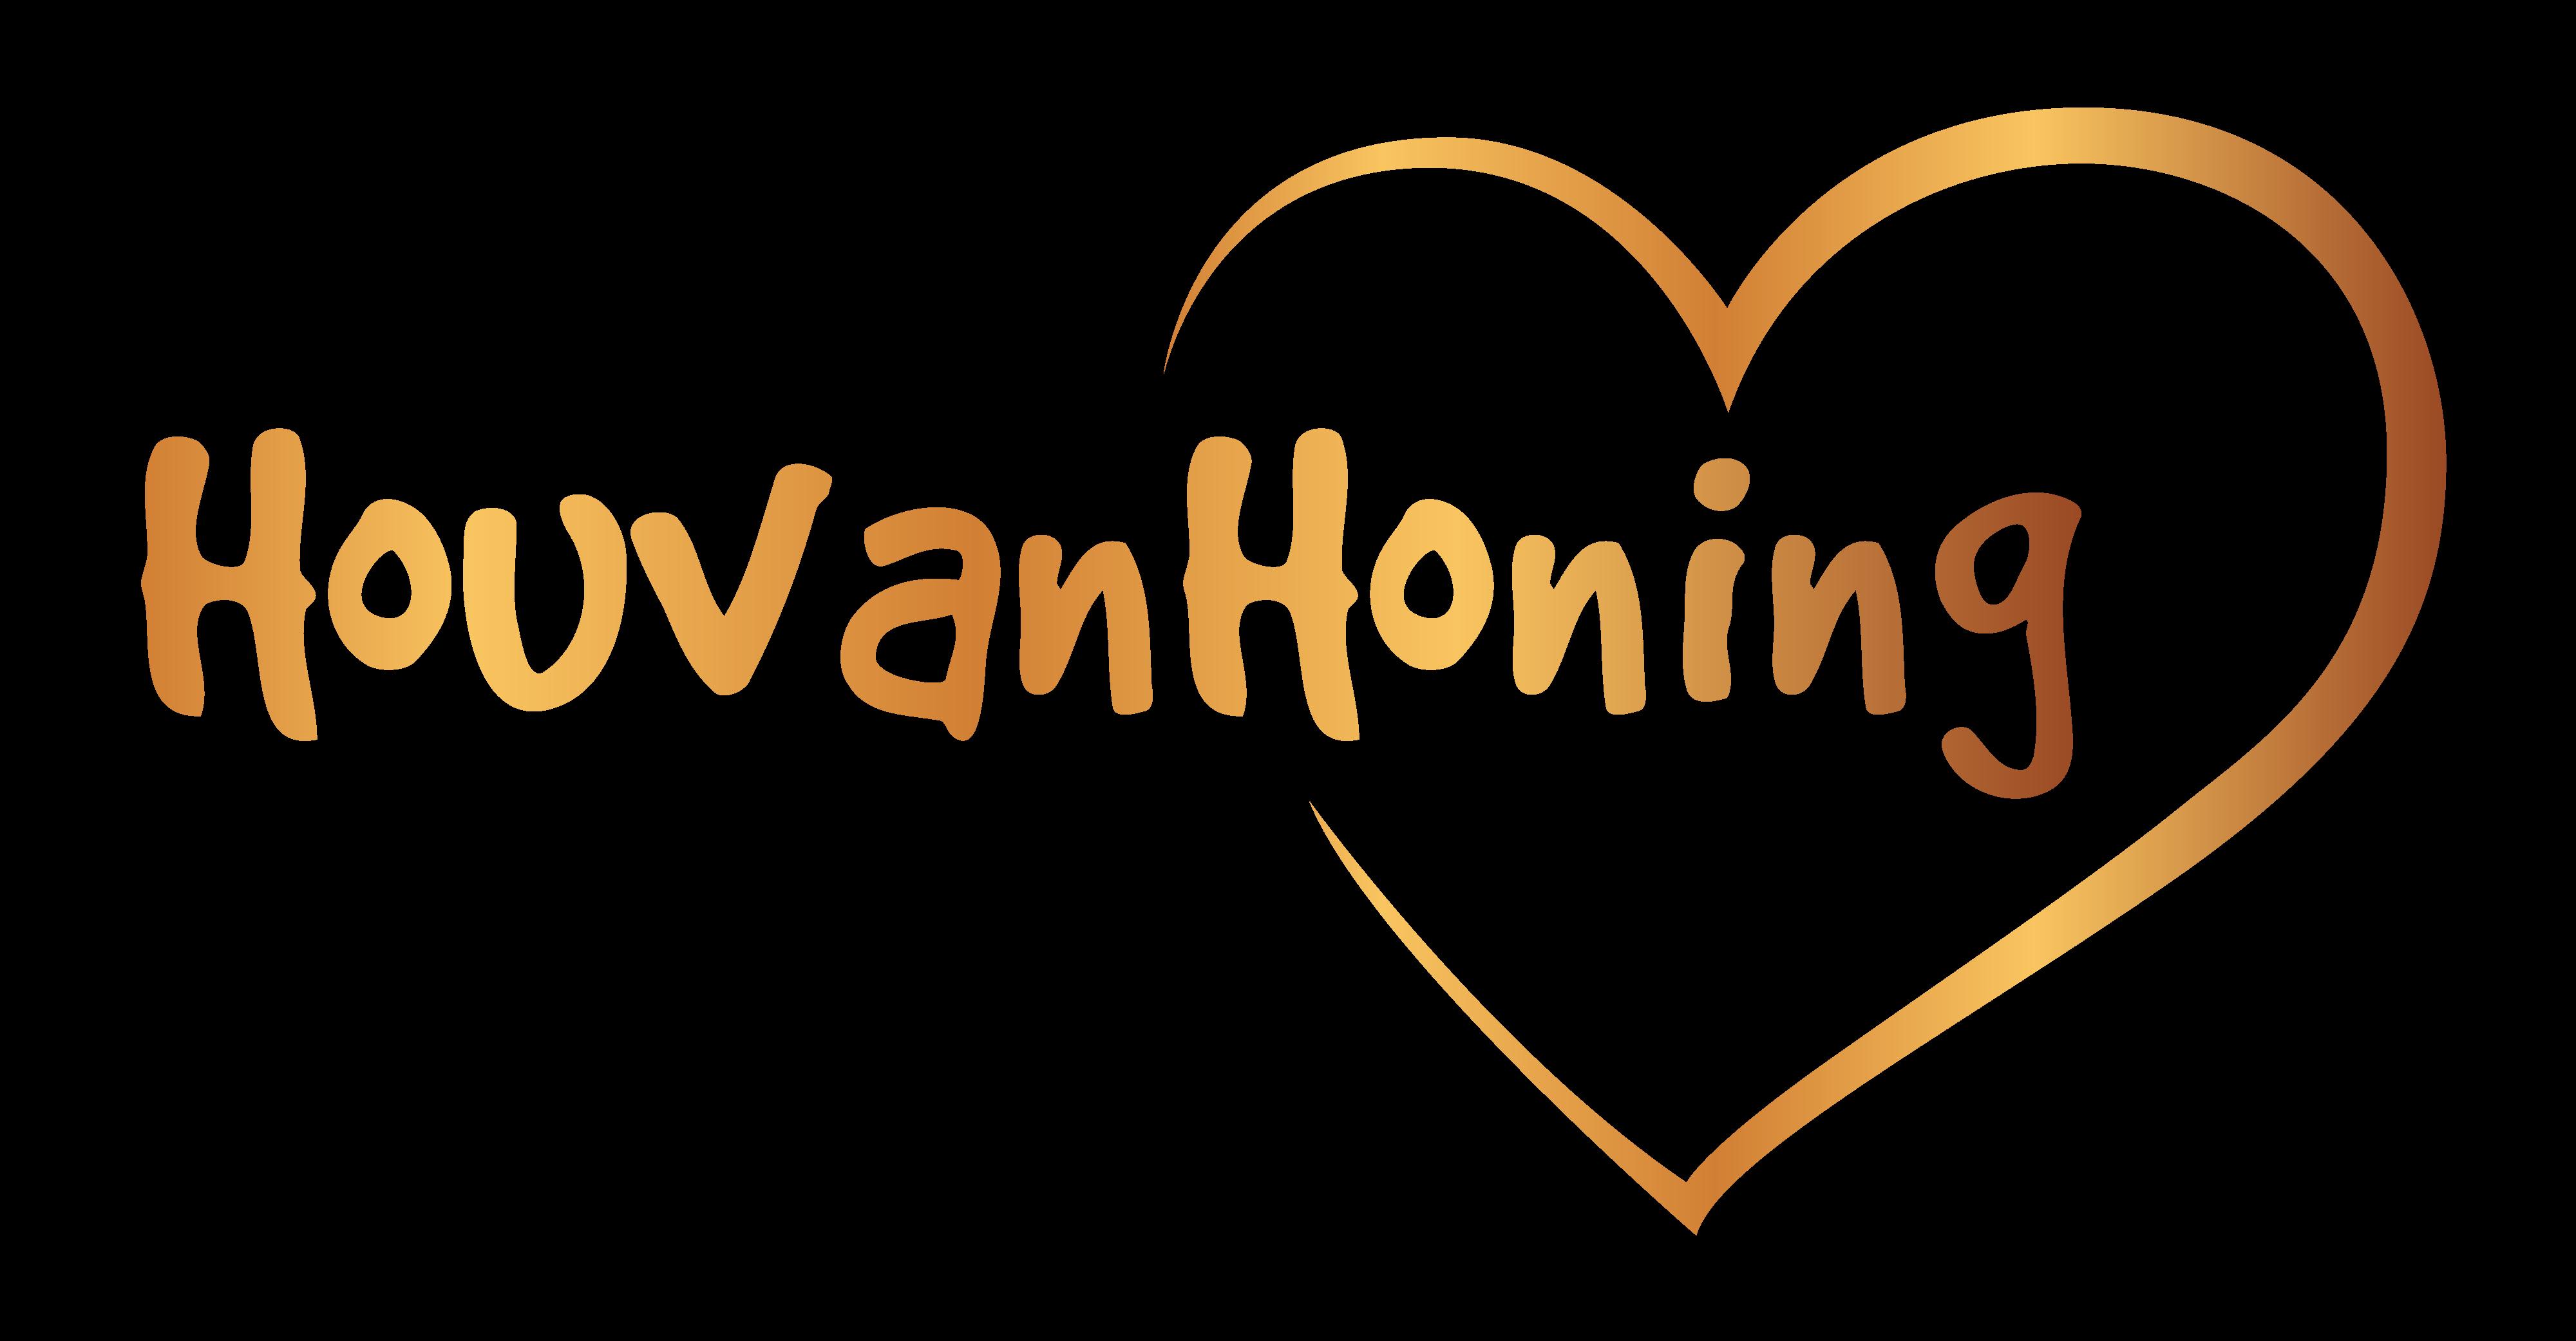 HouvanHoning